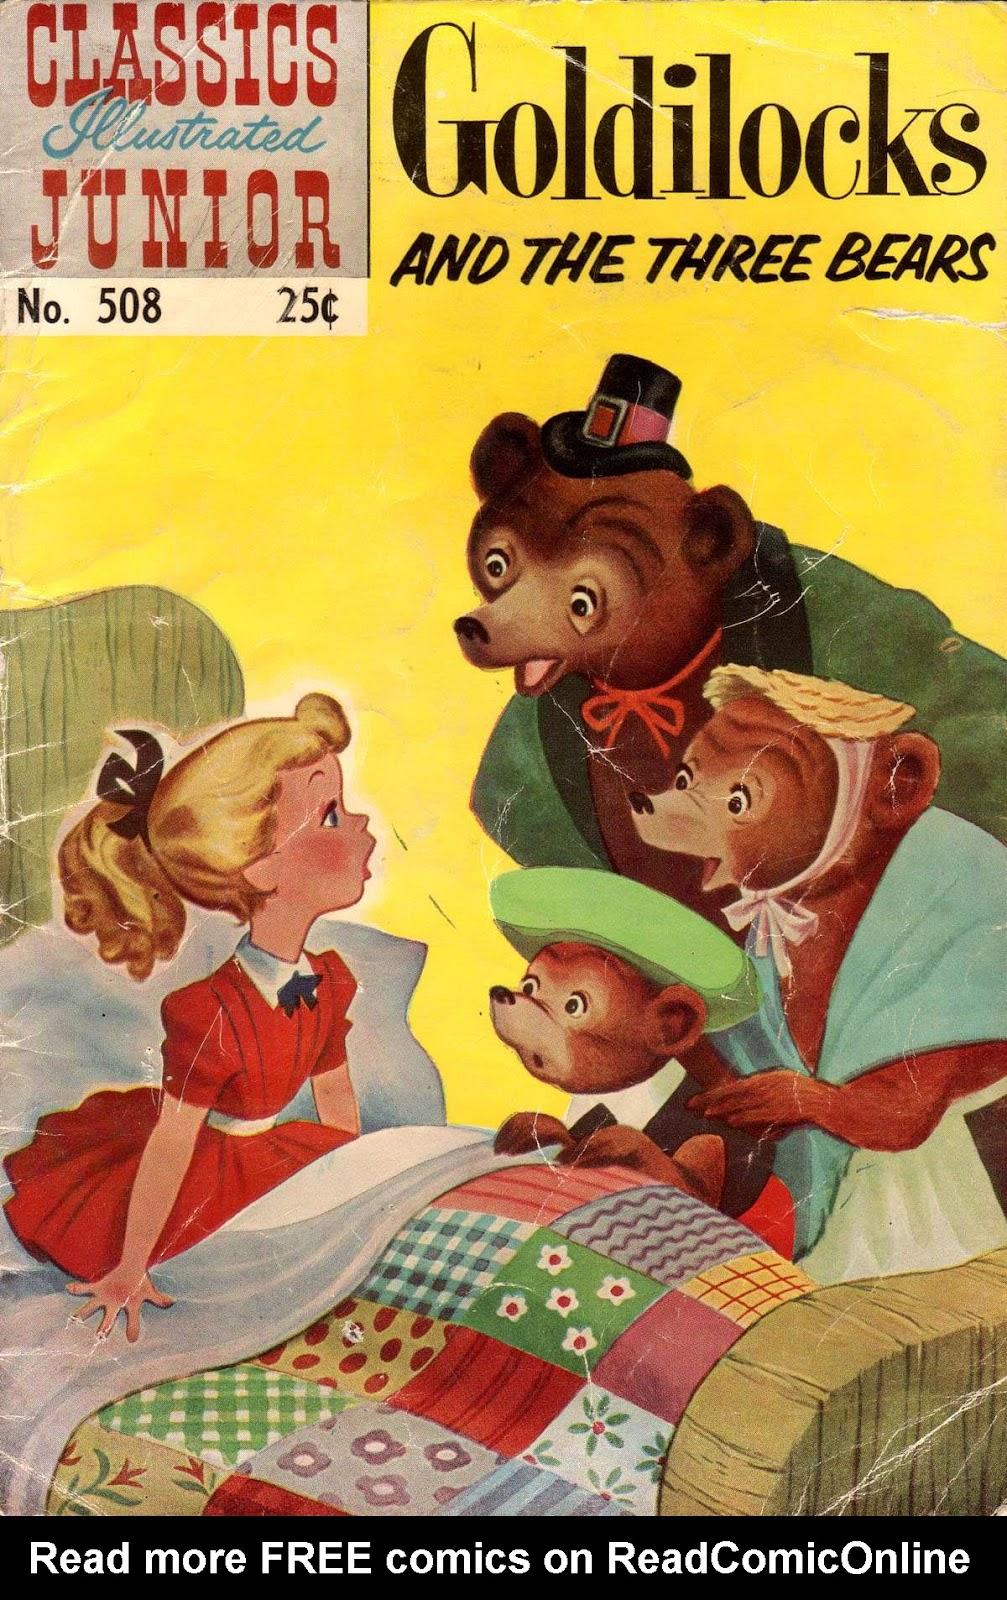 Classics Illustrated Junior 508 Page 1